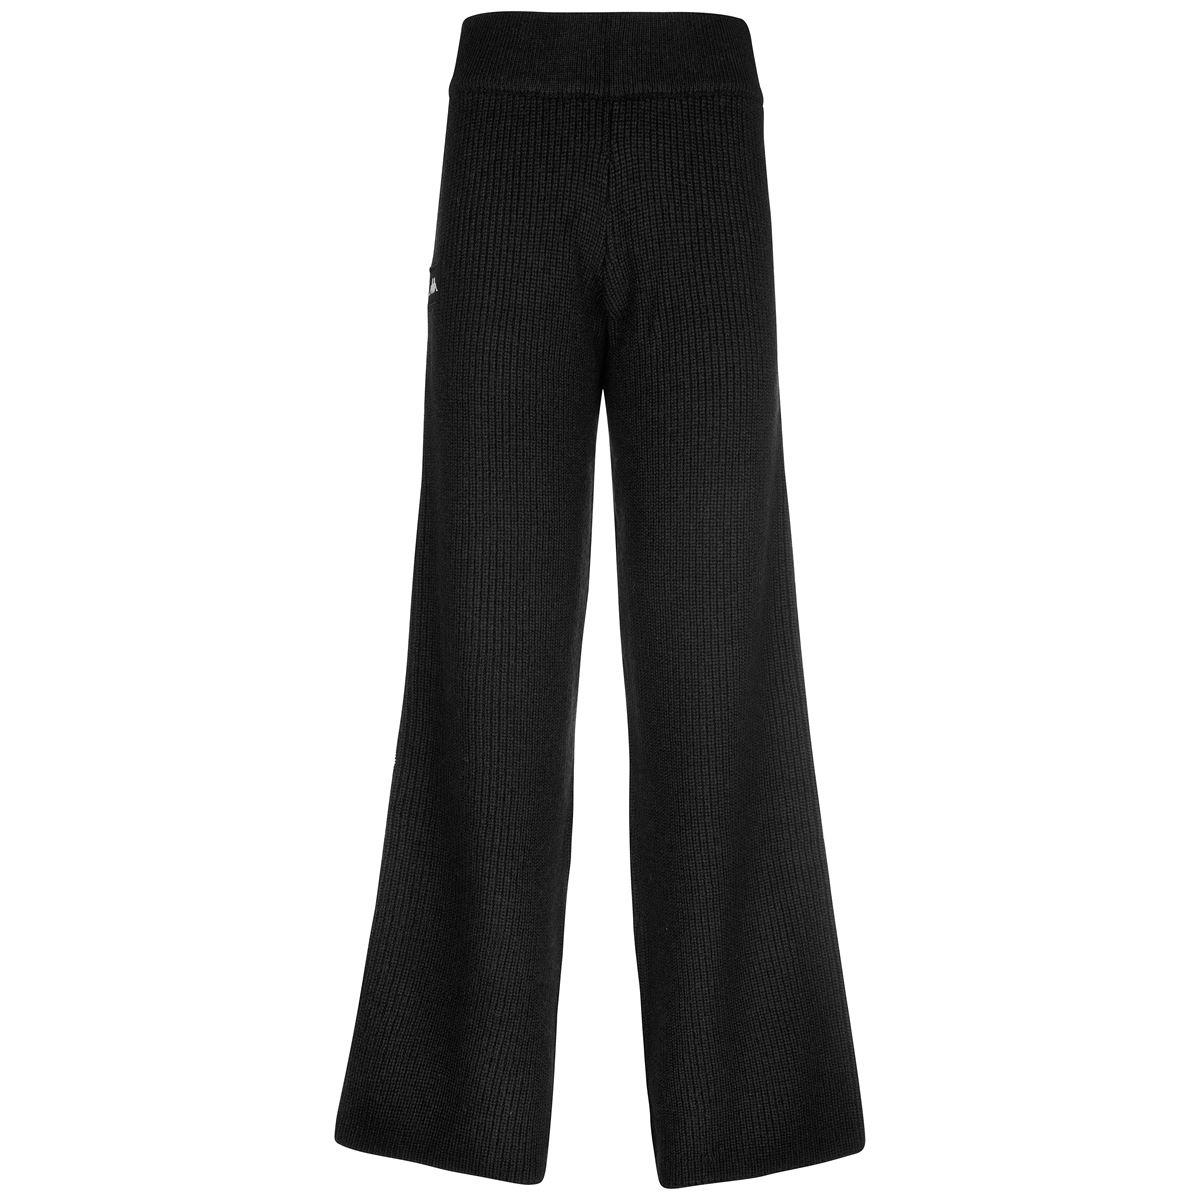 Kappa Pantaloni donna-304NSQ0